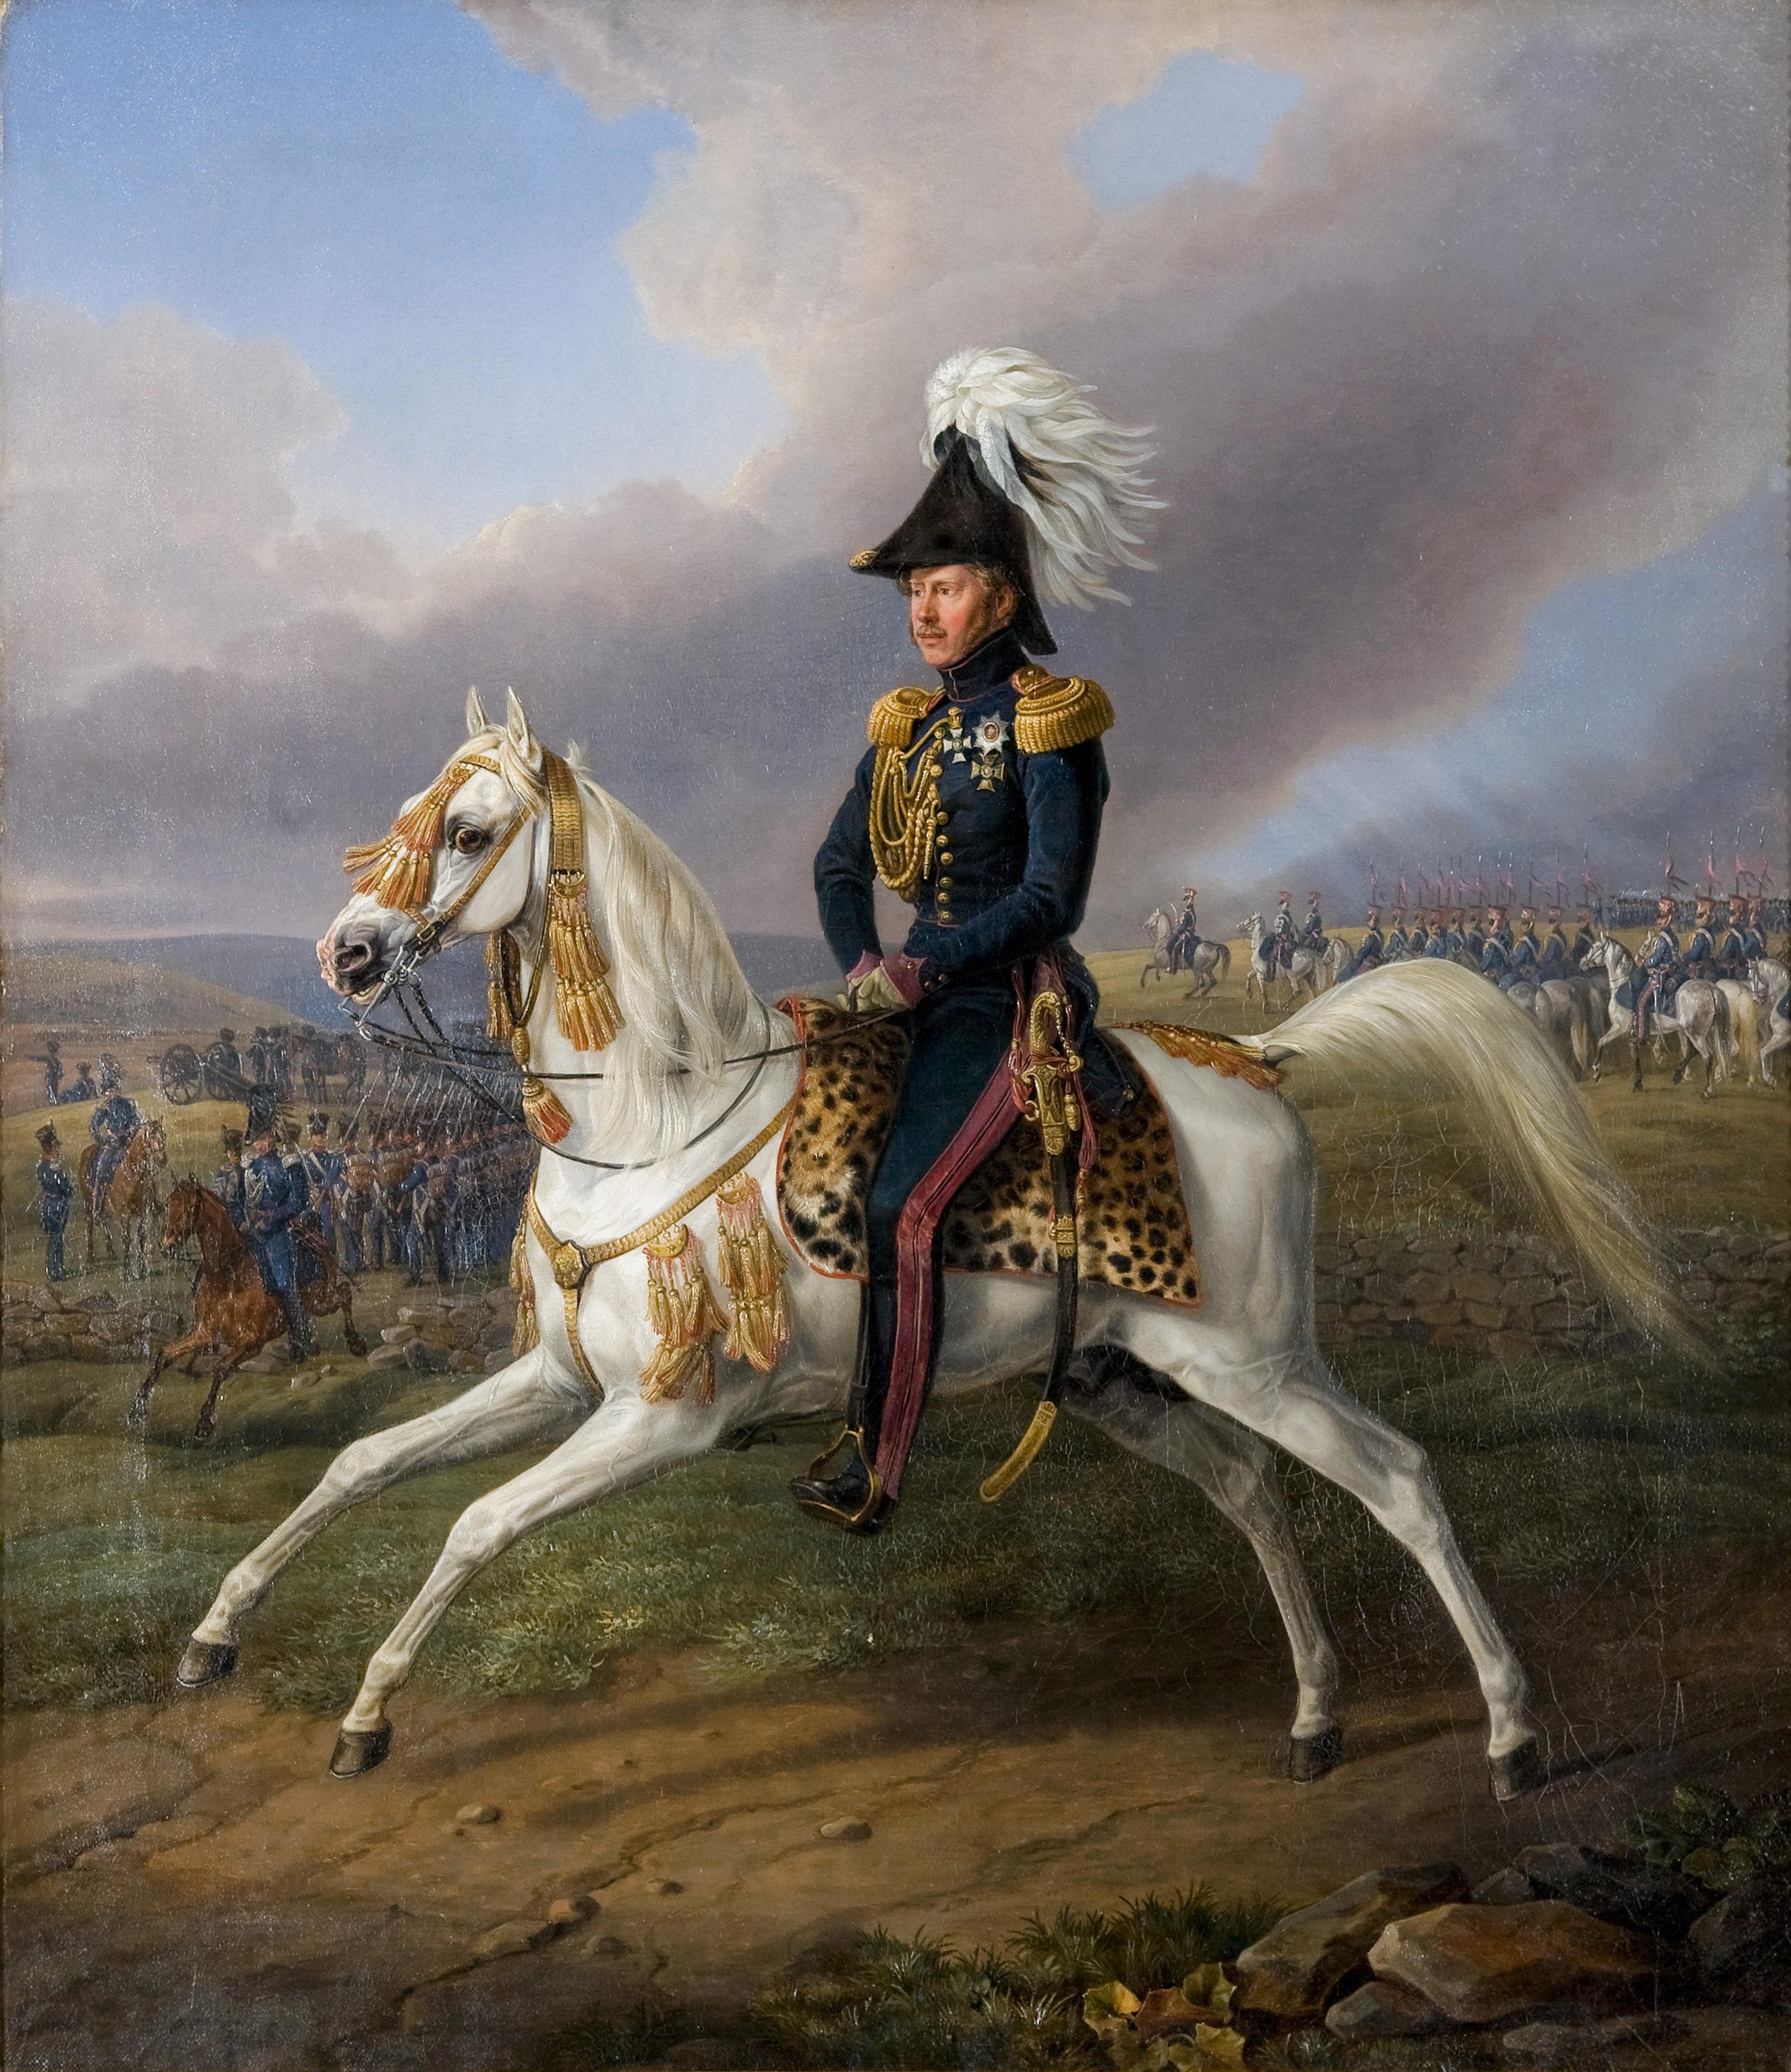 Bairactar ist der Stammvater des Kgl. Privatgestüts mit König Wilhelm Albrecht Adam